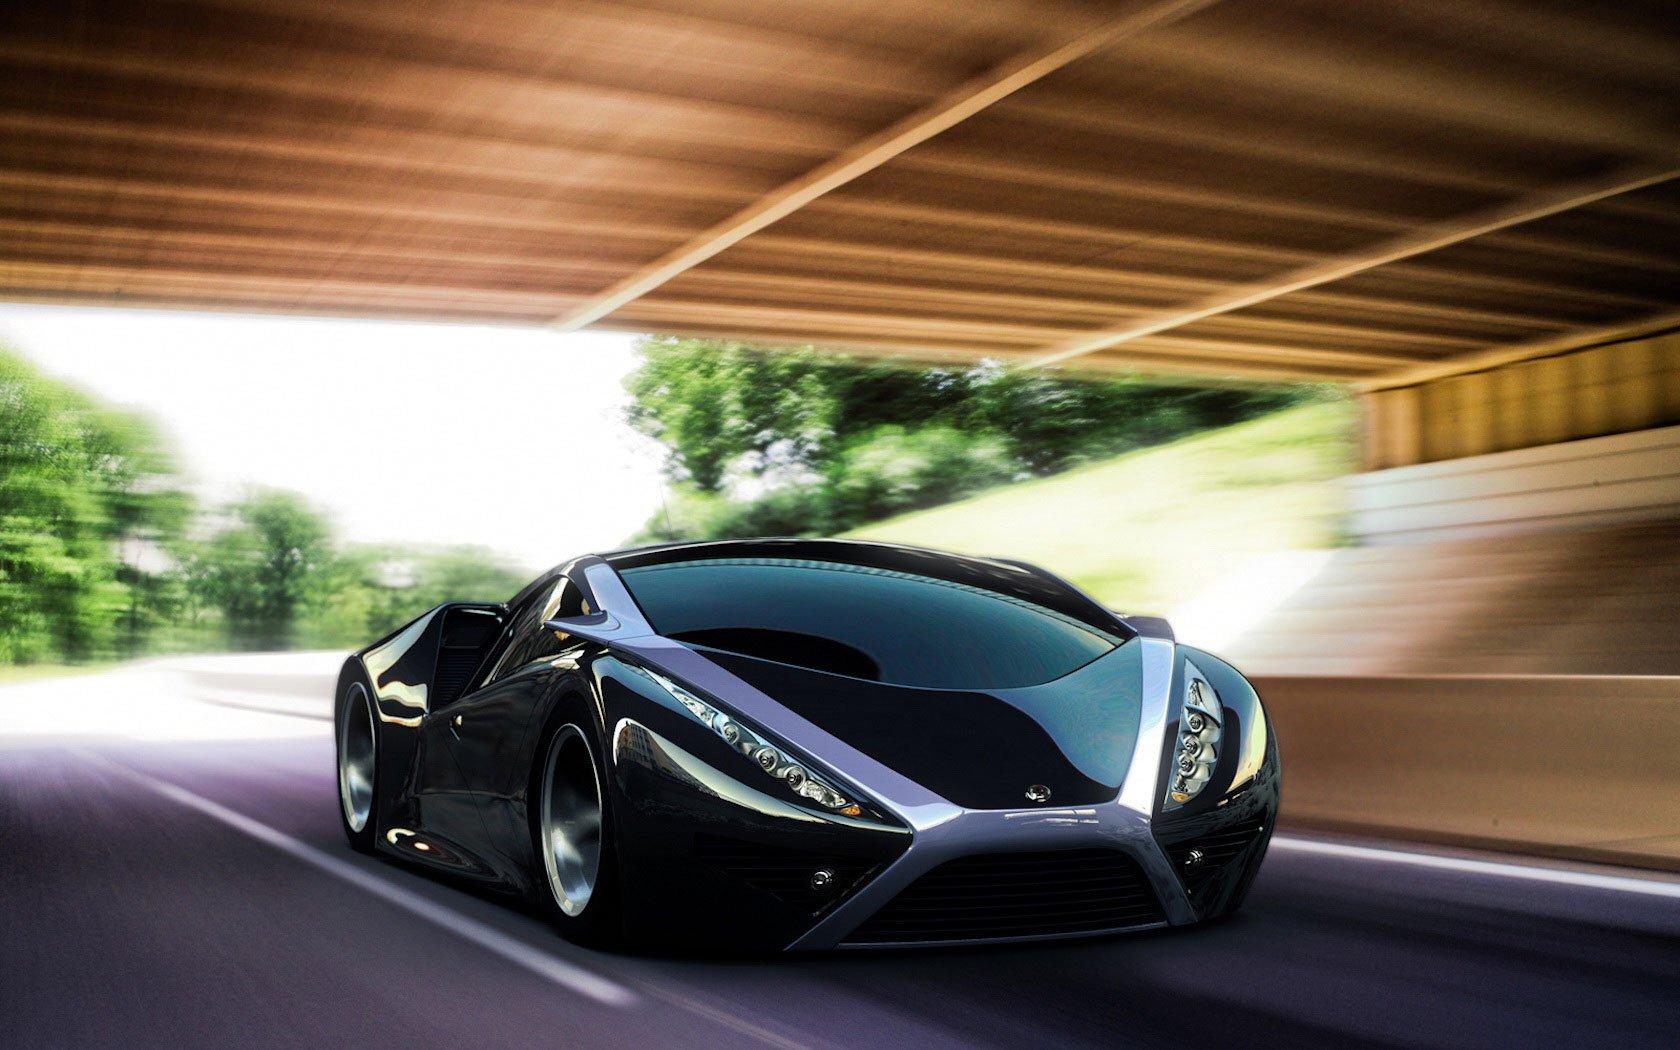 Cool 3d wallpaper hd cars wallpapersafari - Cars hd wallpapers for laptop ...